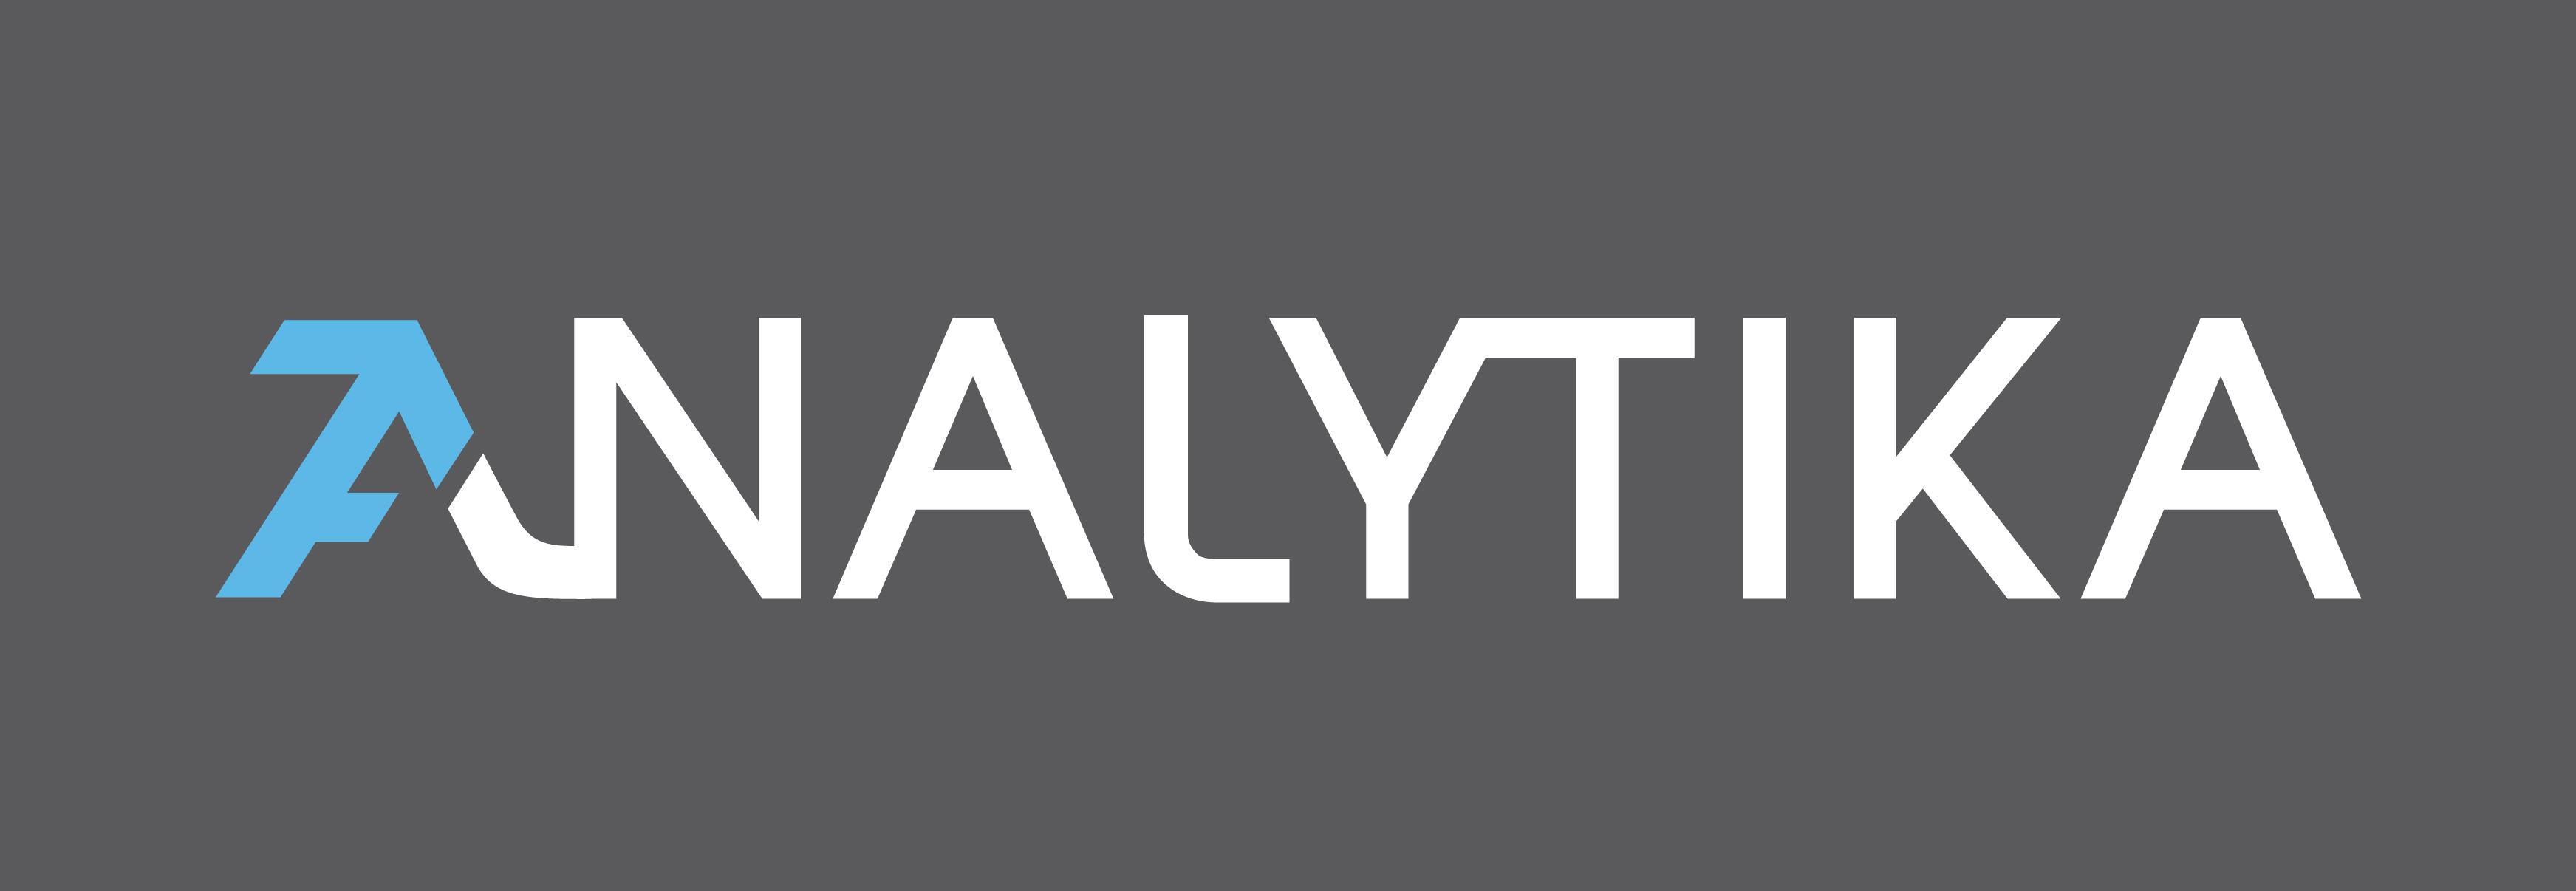 Analytika-Logo-reversegrey.jpg